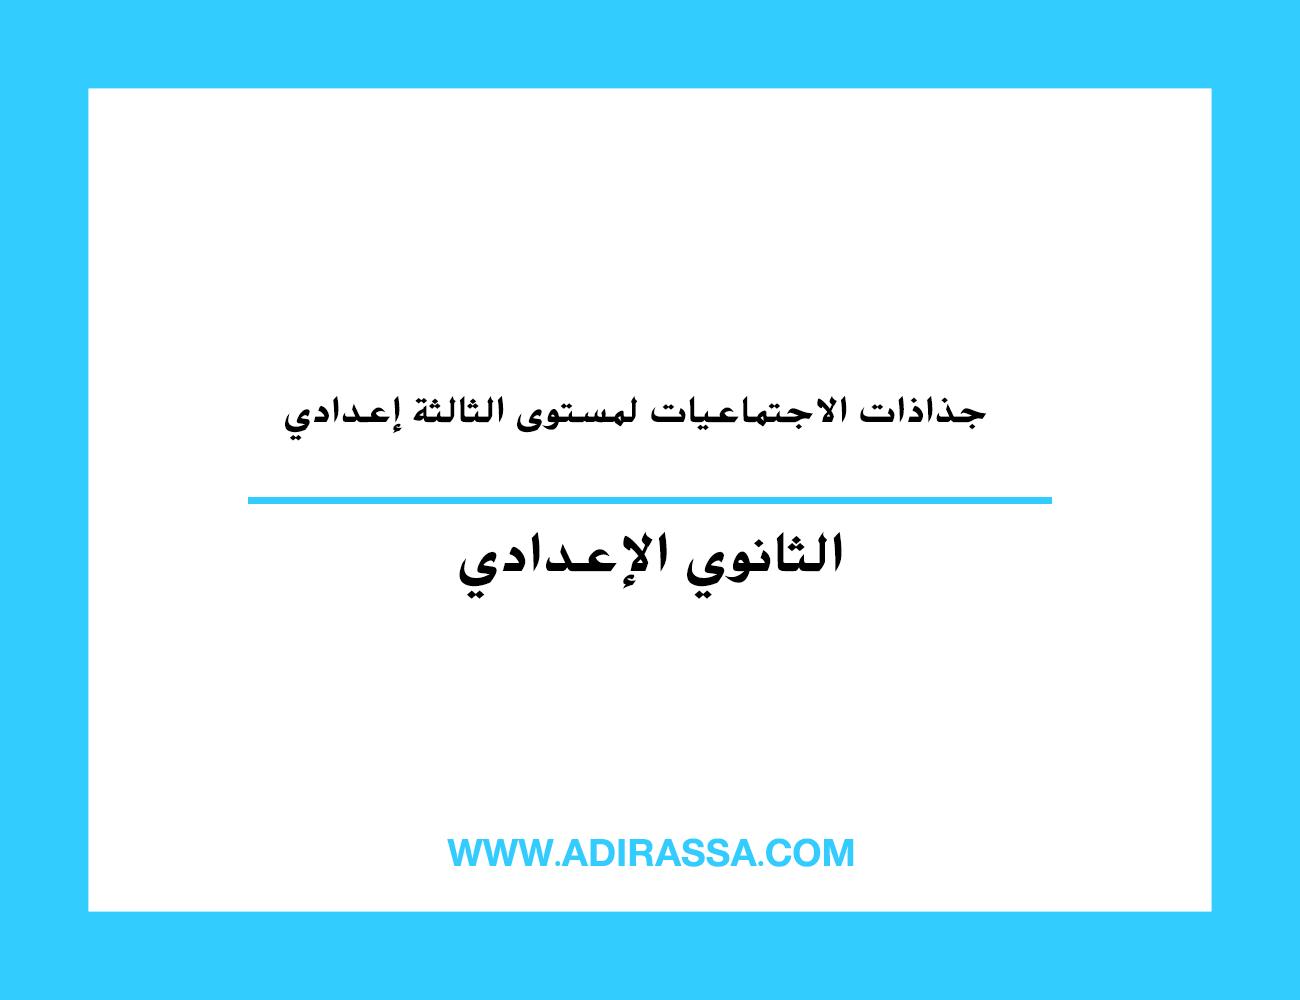 جذاذات الاجتماعيات لمستوى الثالثة إعدادي بالمدرسة المغربية